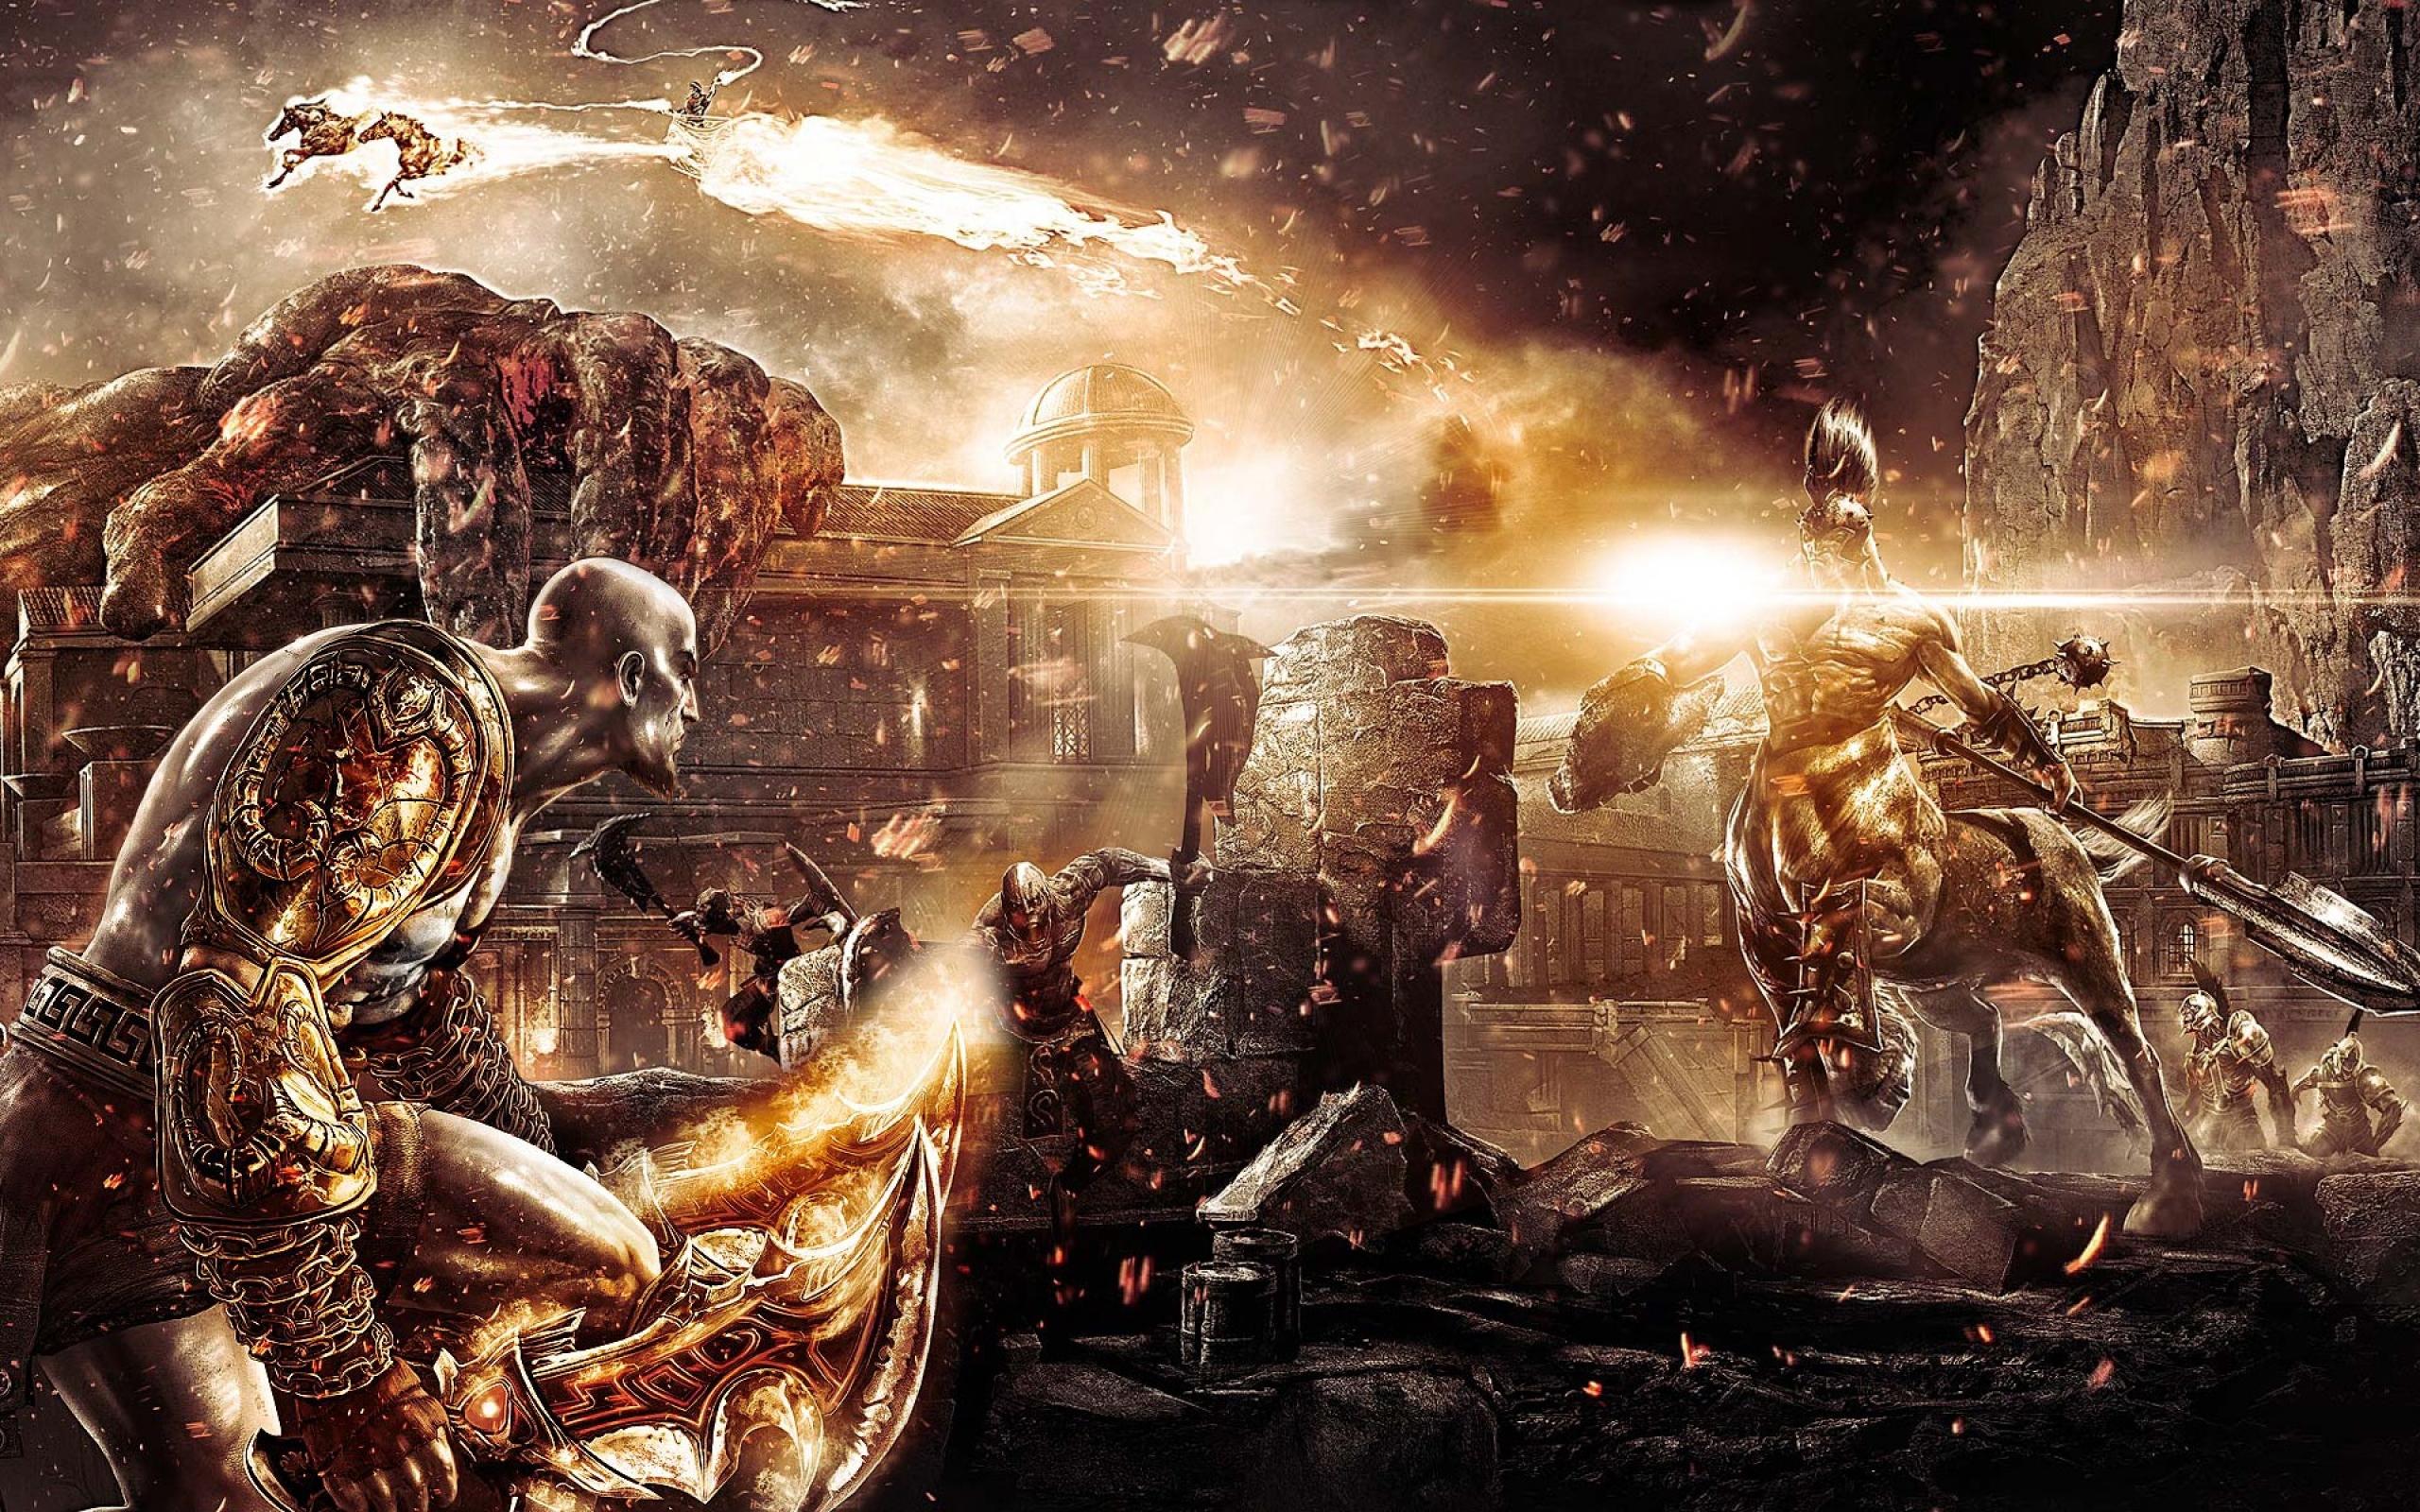 God Of War III Widescreen Wallpaper